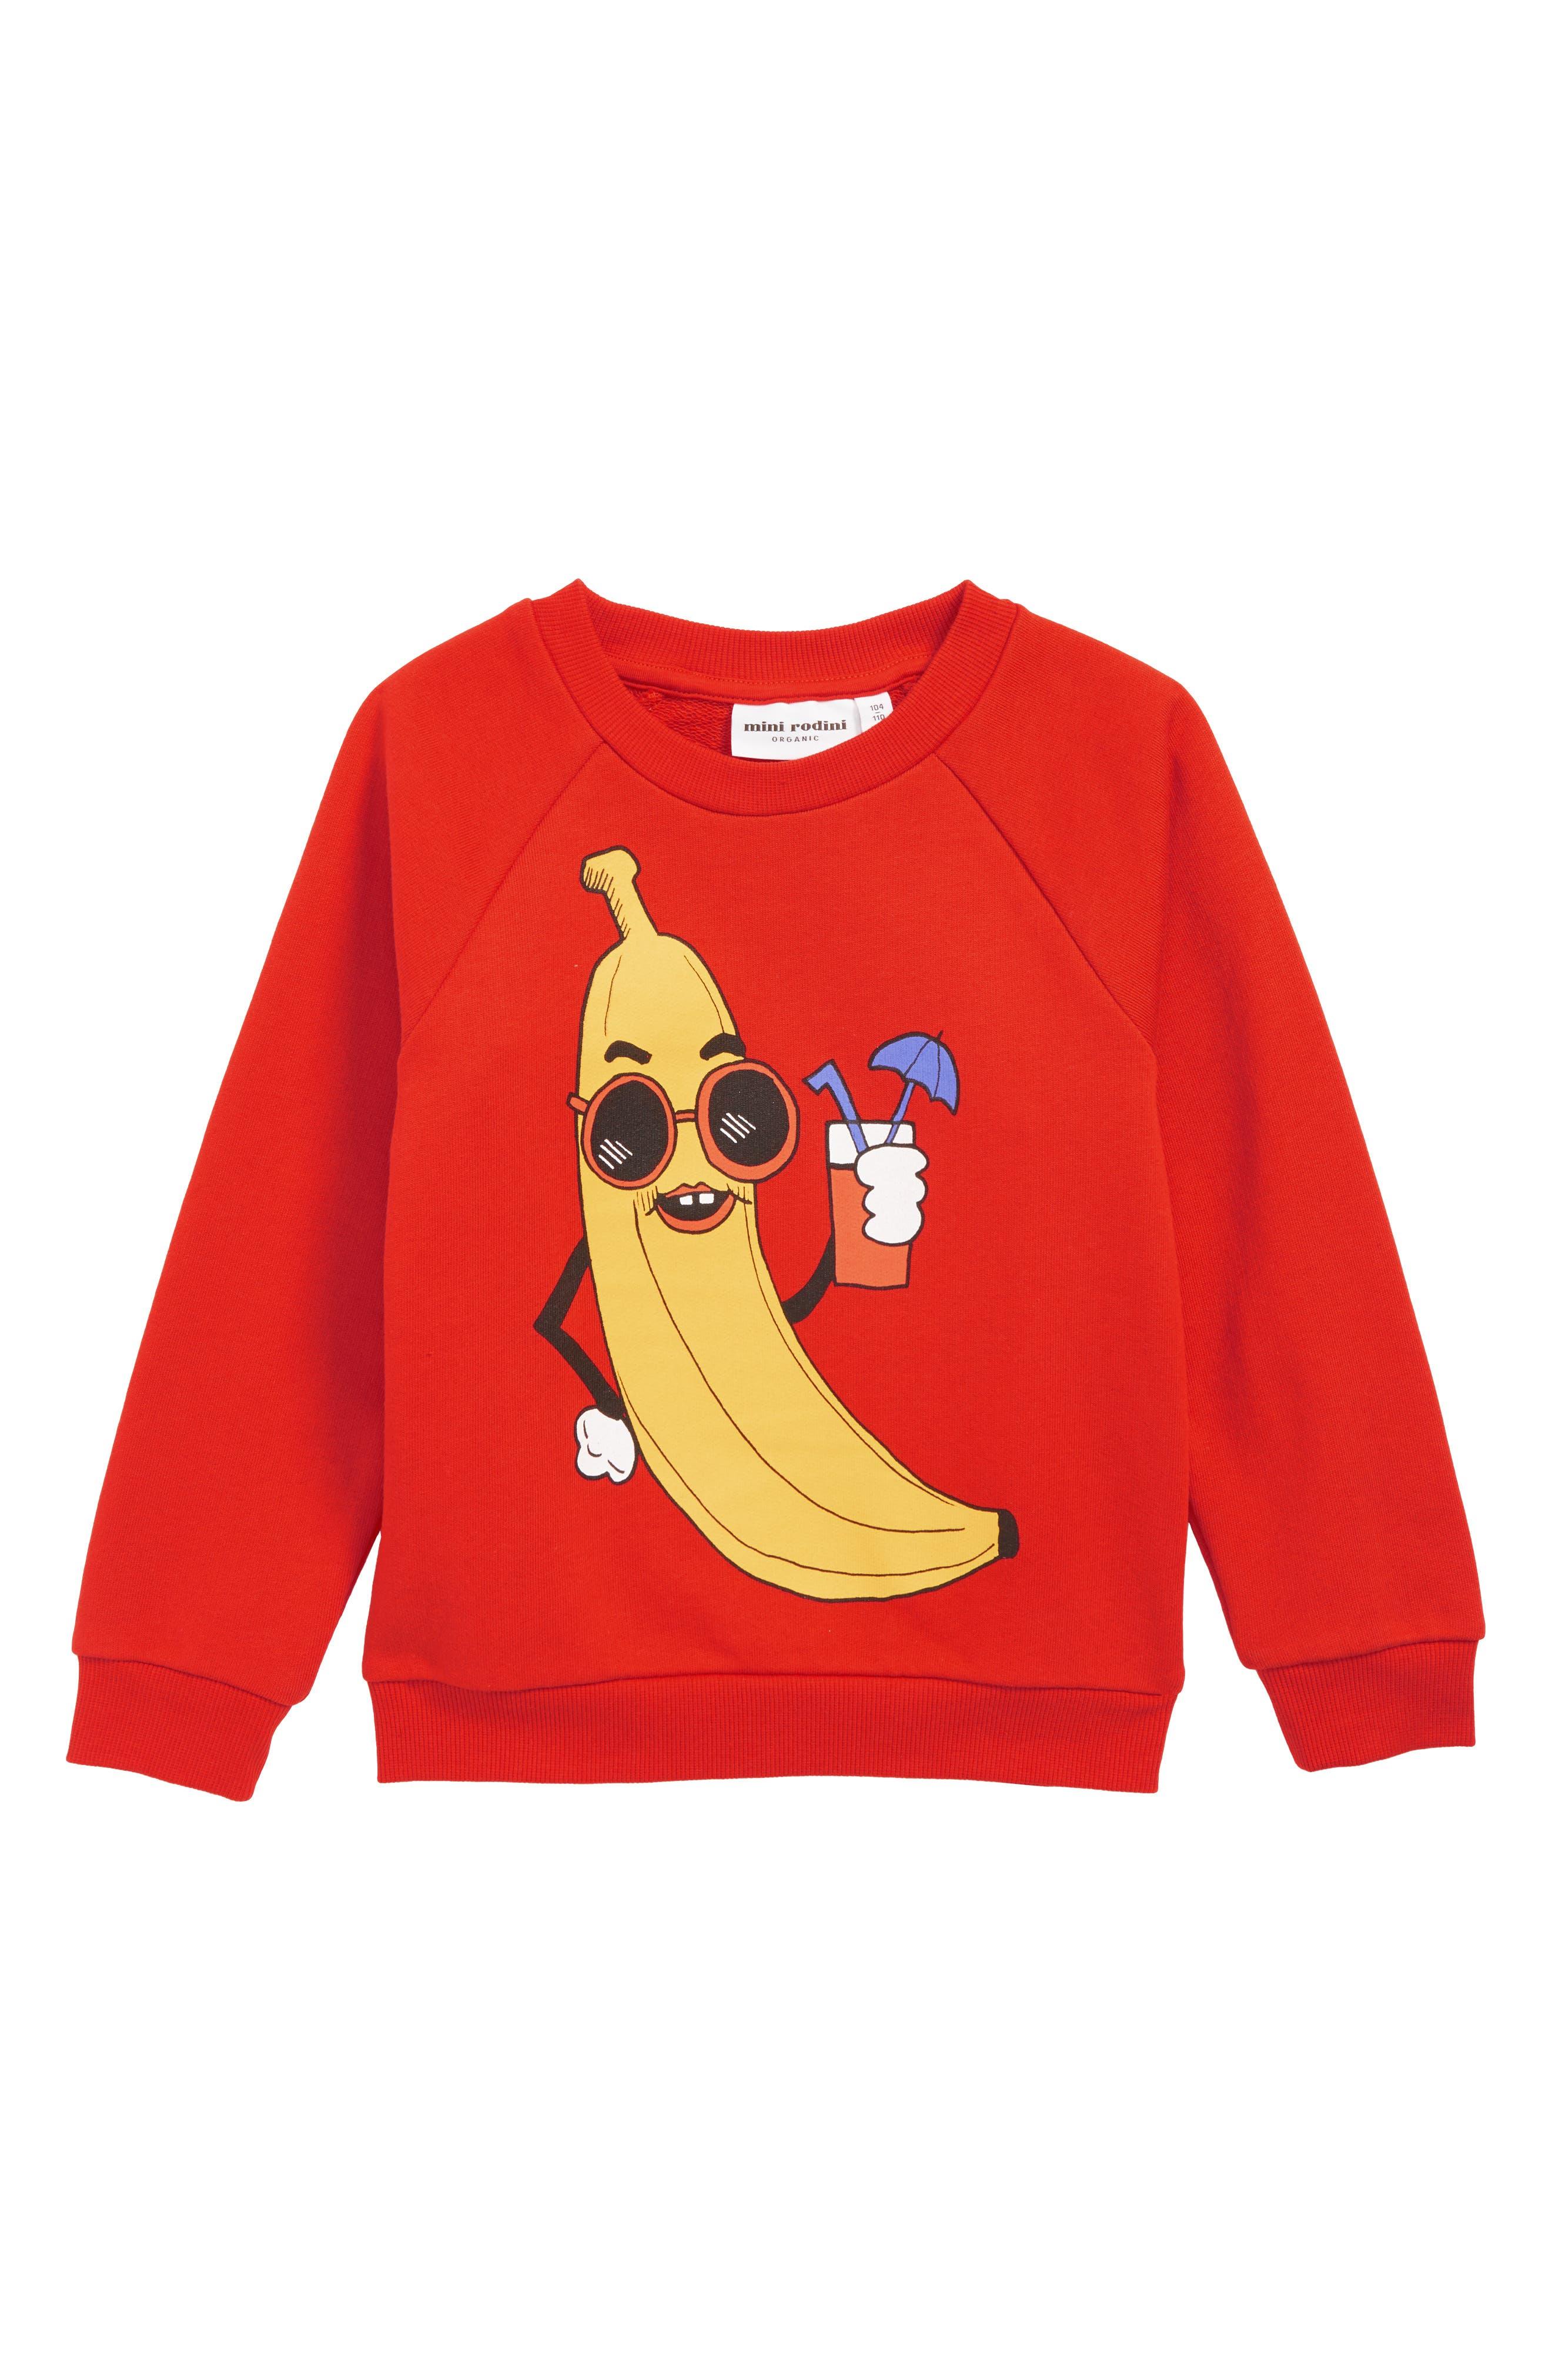 Banana Sweatshirt,                             Main thumbnail 1, color,                             RED